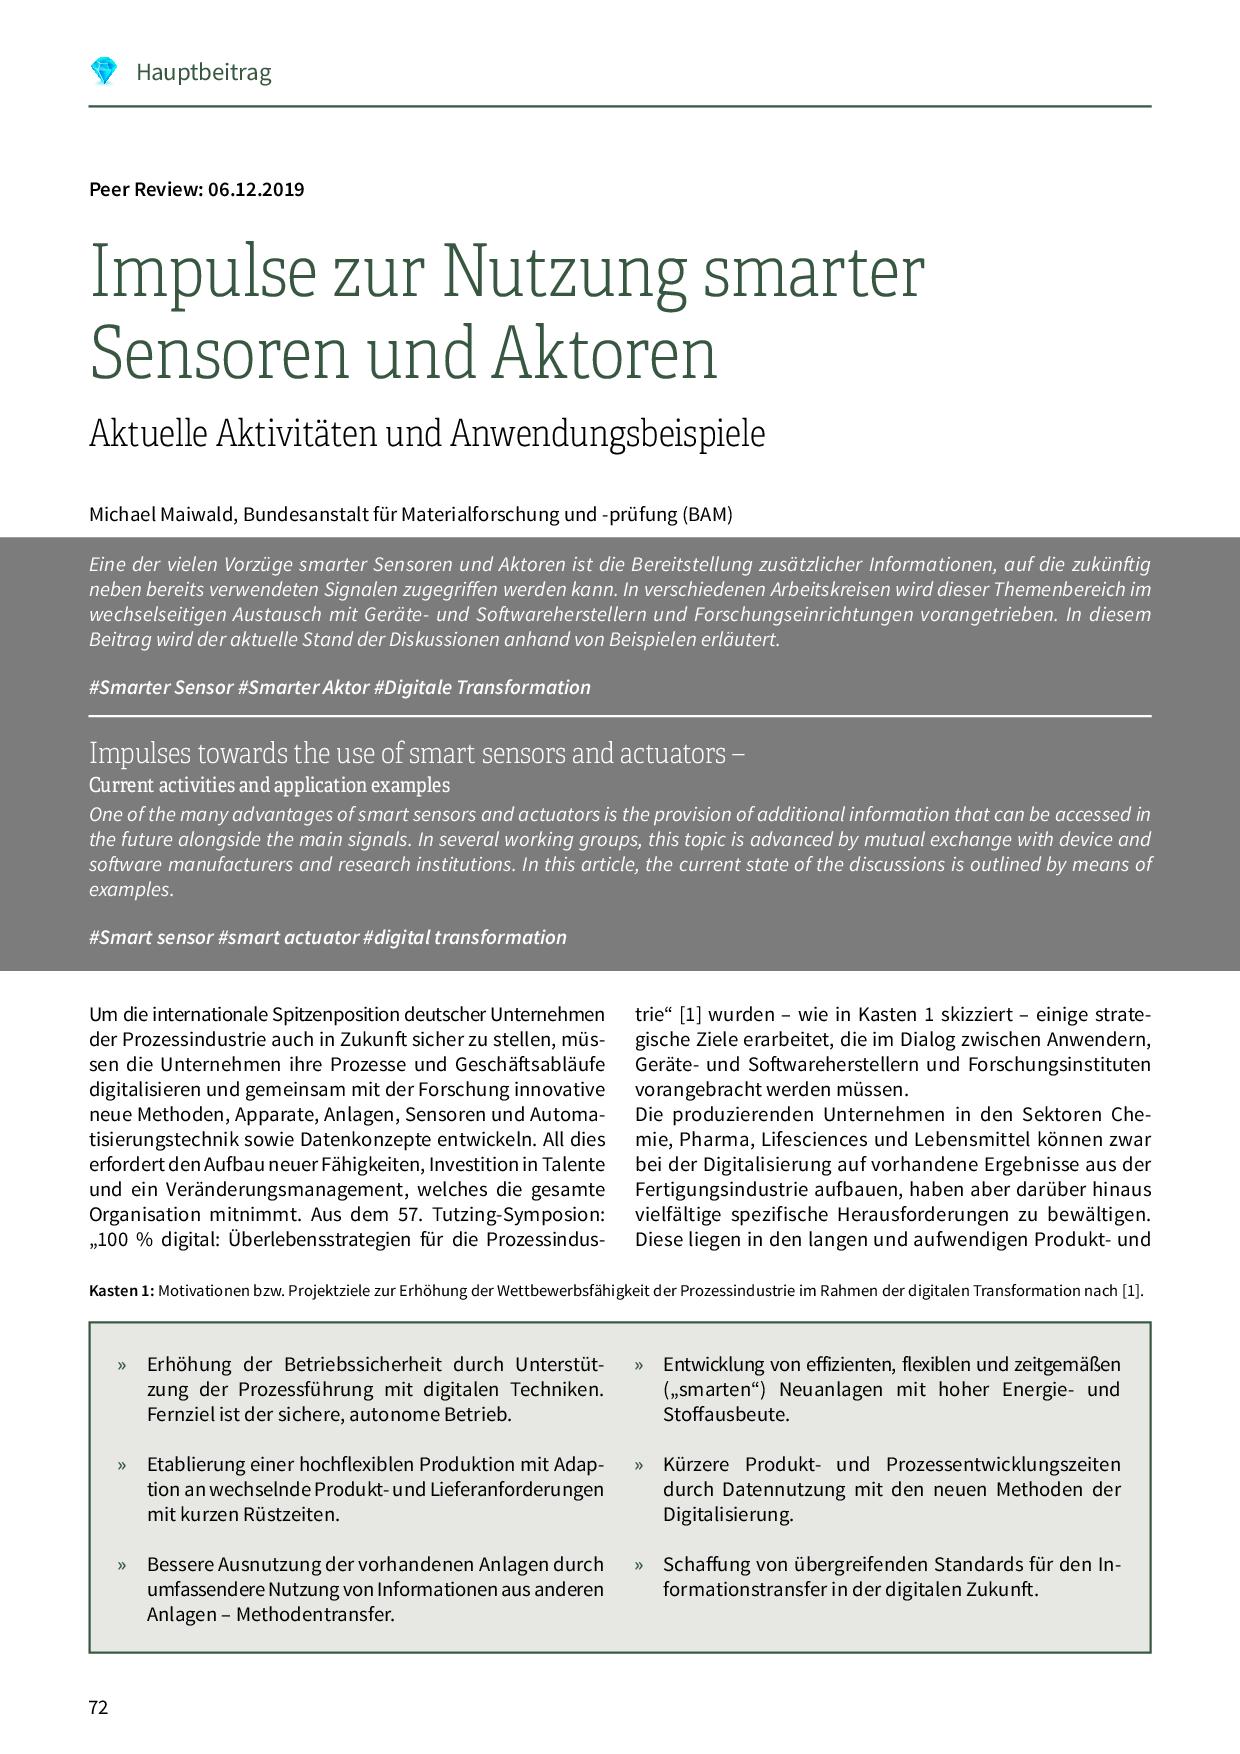 Impulse zur Nutzung smarter Sensoren und Aktoren